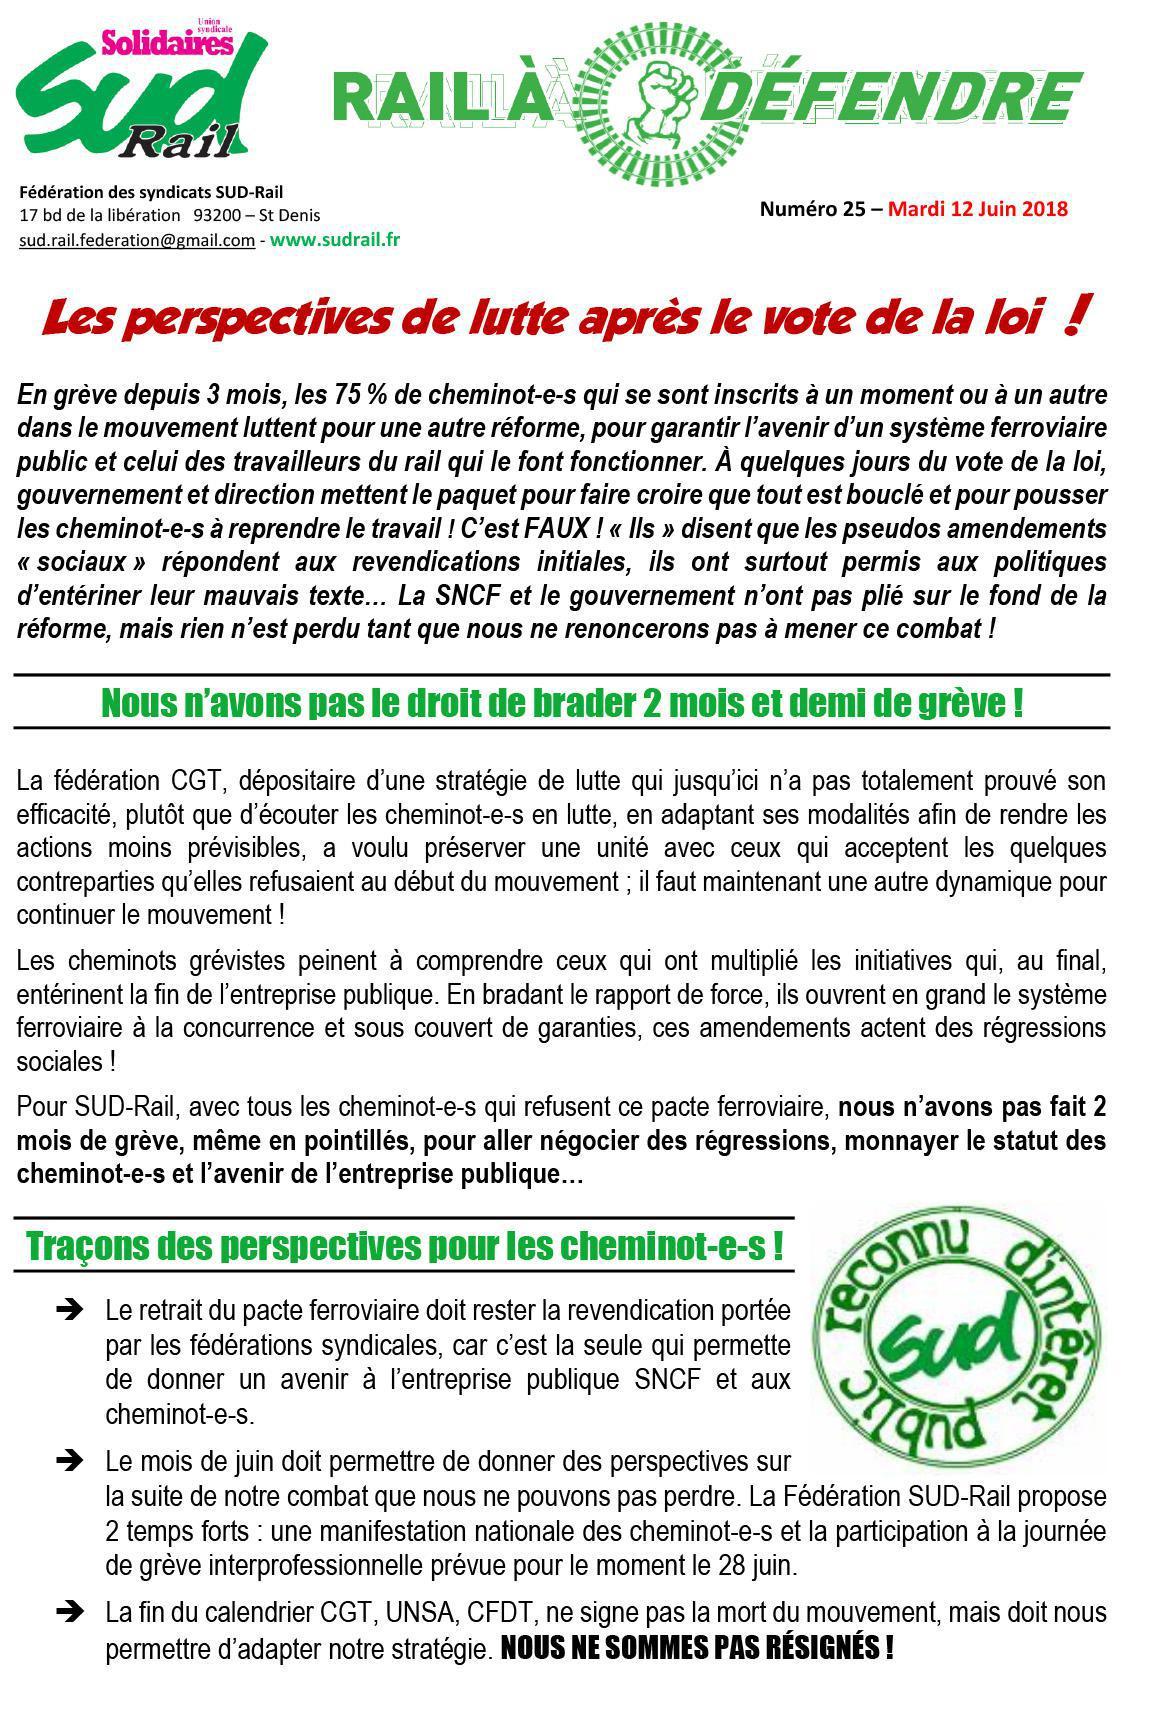 RAIL À DÉFENDRE N°25 - LES PERSPECTIVES DE LUTTE APRÈS LE VOTE DE LA LOI !